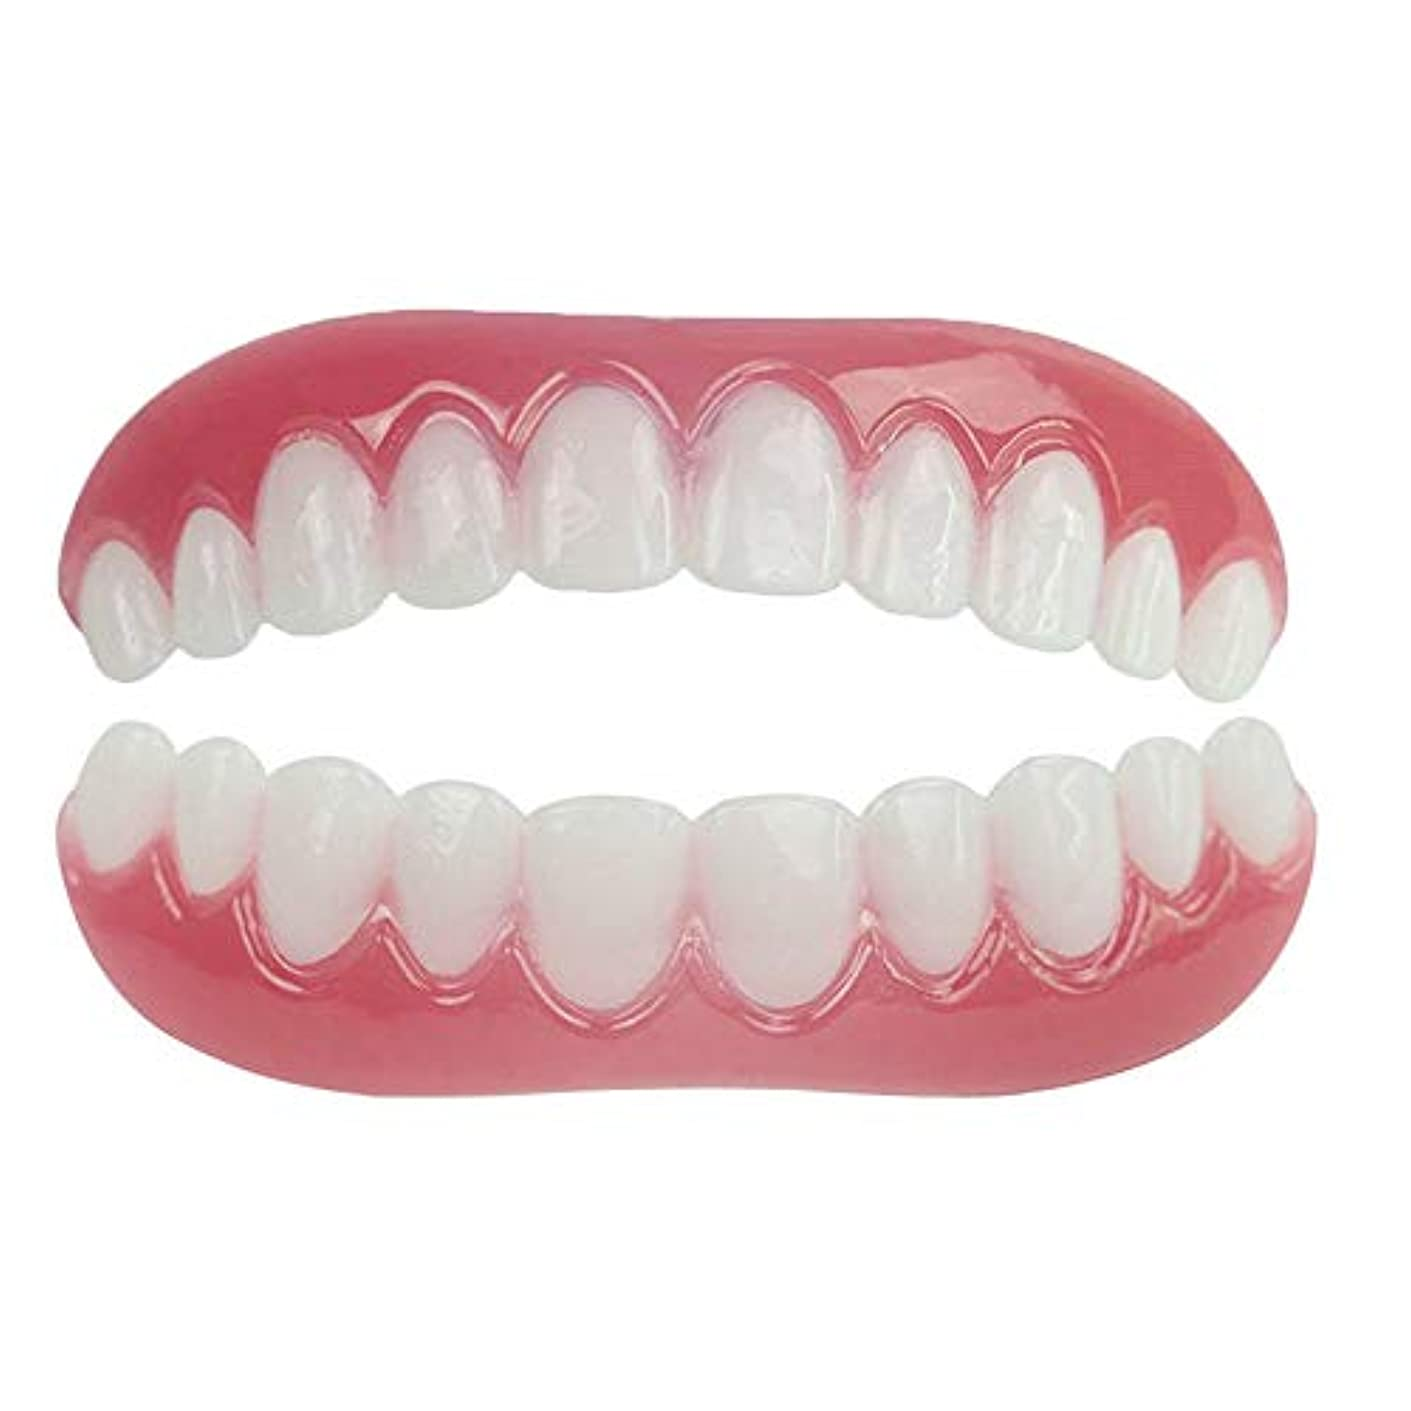 行為一緒エンジニアリングシリコンシミュレーションの上部および下部義歯スリーブ、歯科用ベニヤホワイトニングティーセット(1セット),Boxed,UpperLower